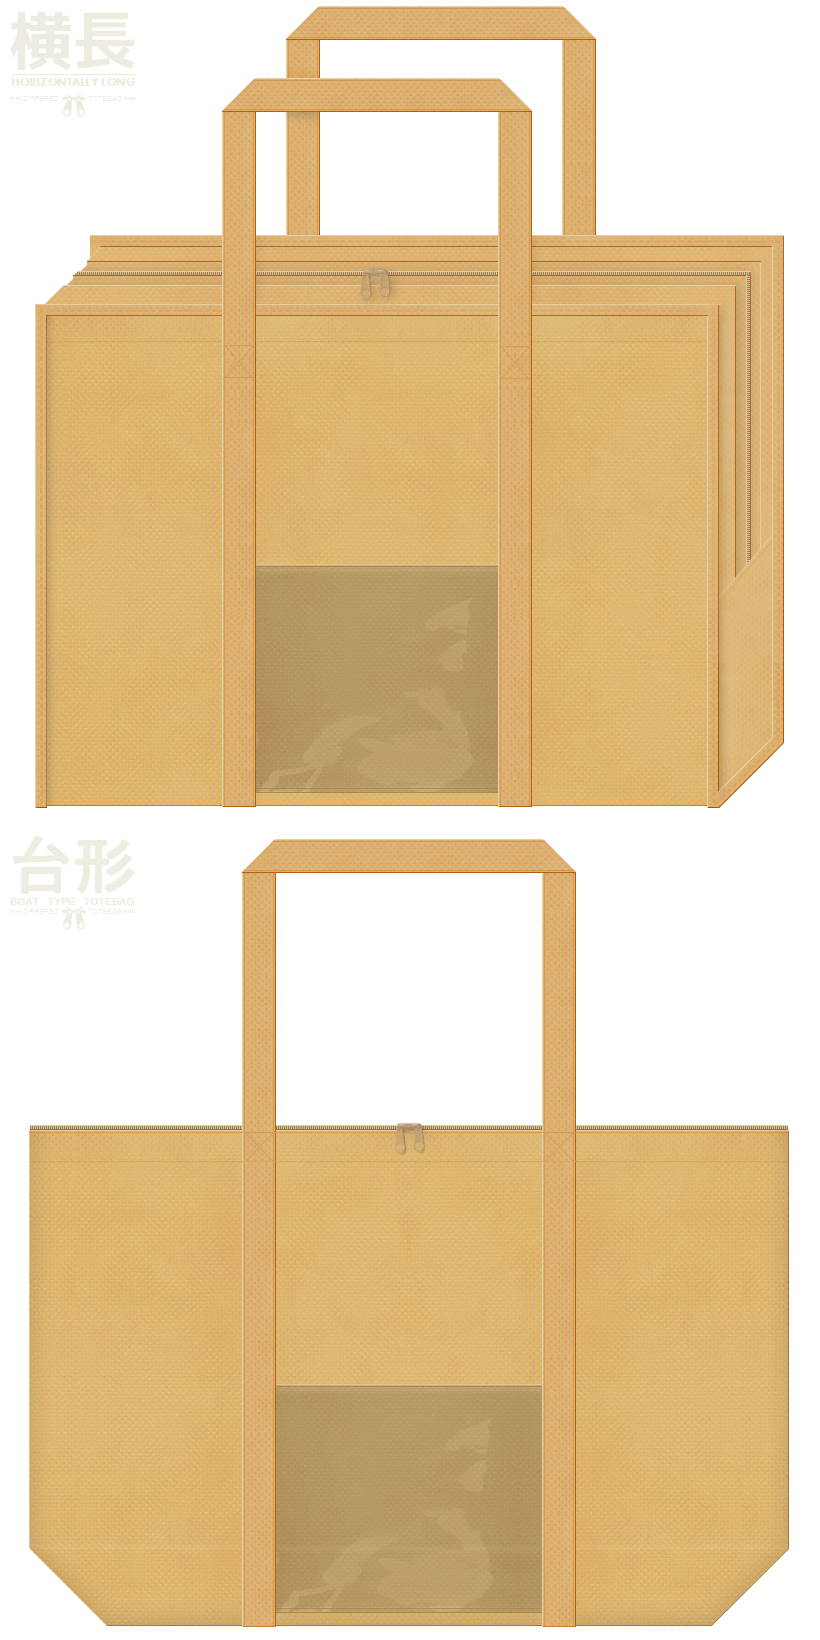 薄黄土色の不織布バッグデザイン:透明ポケット付きの不織布ランドリーバッグ